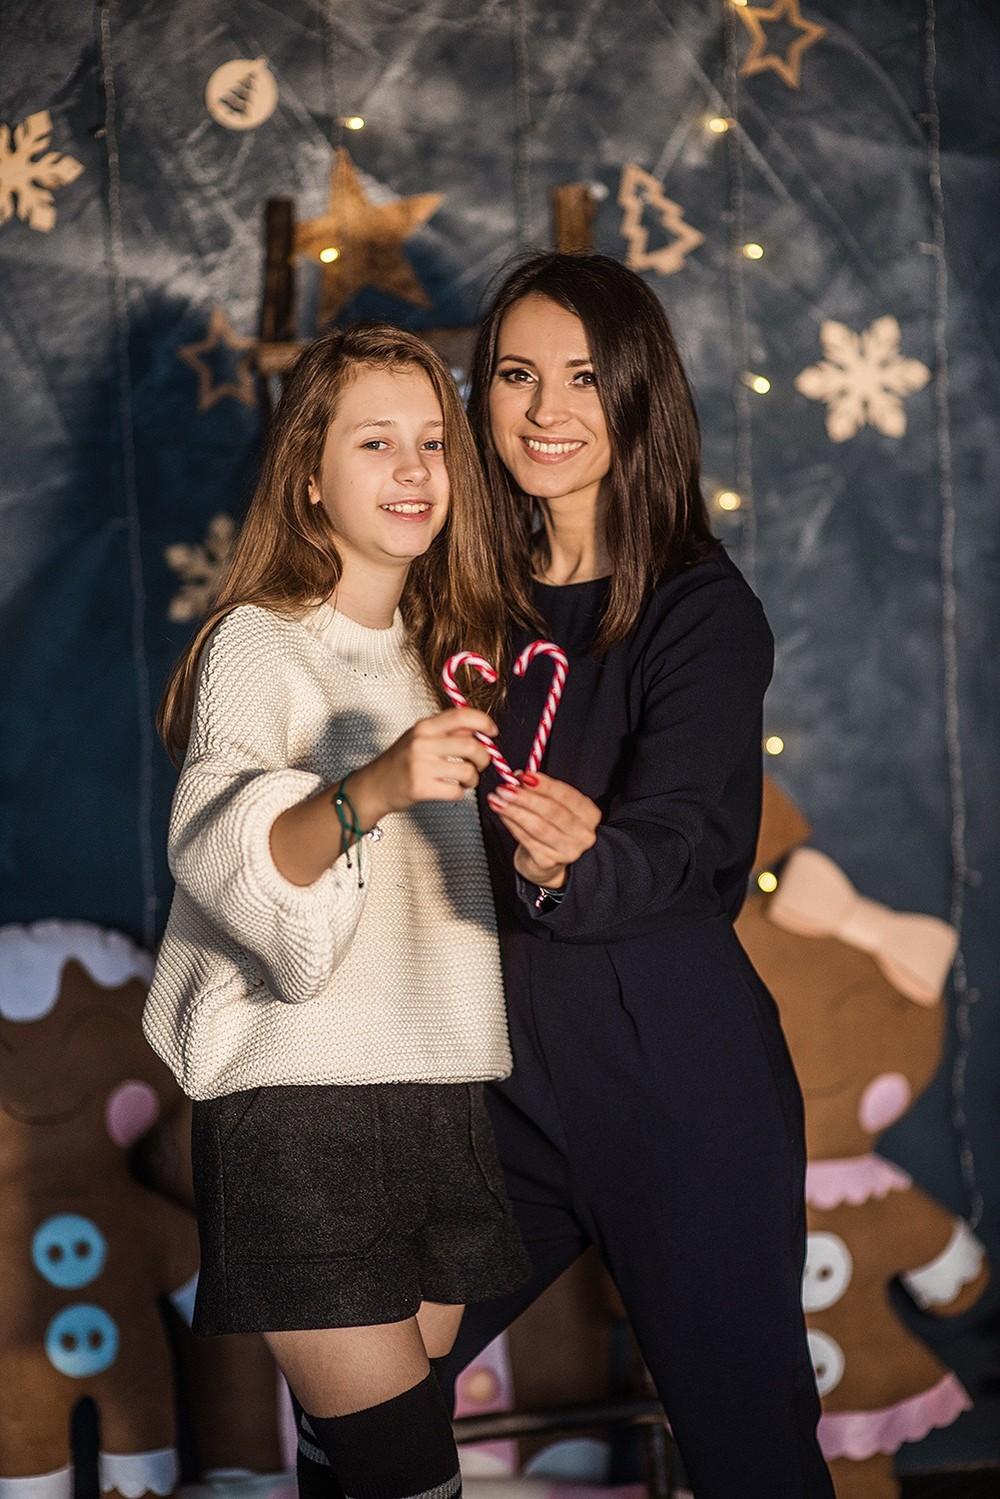 Новогодние серии - Мама и дочь